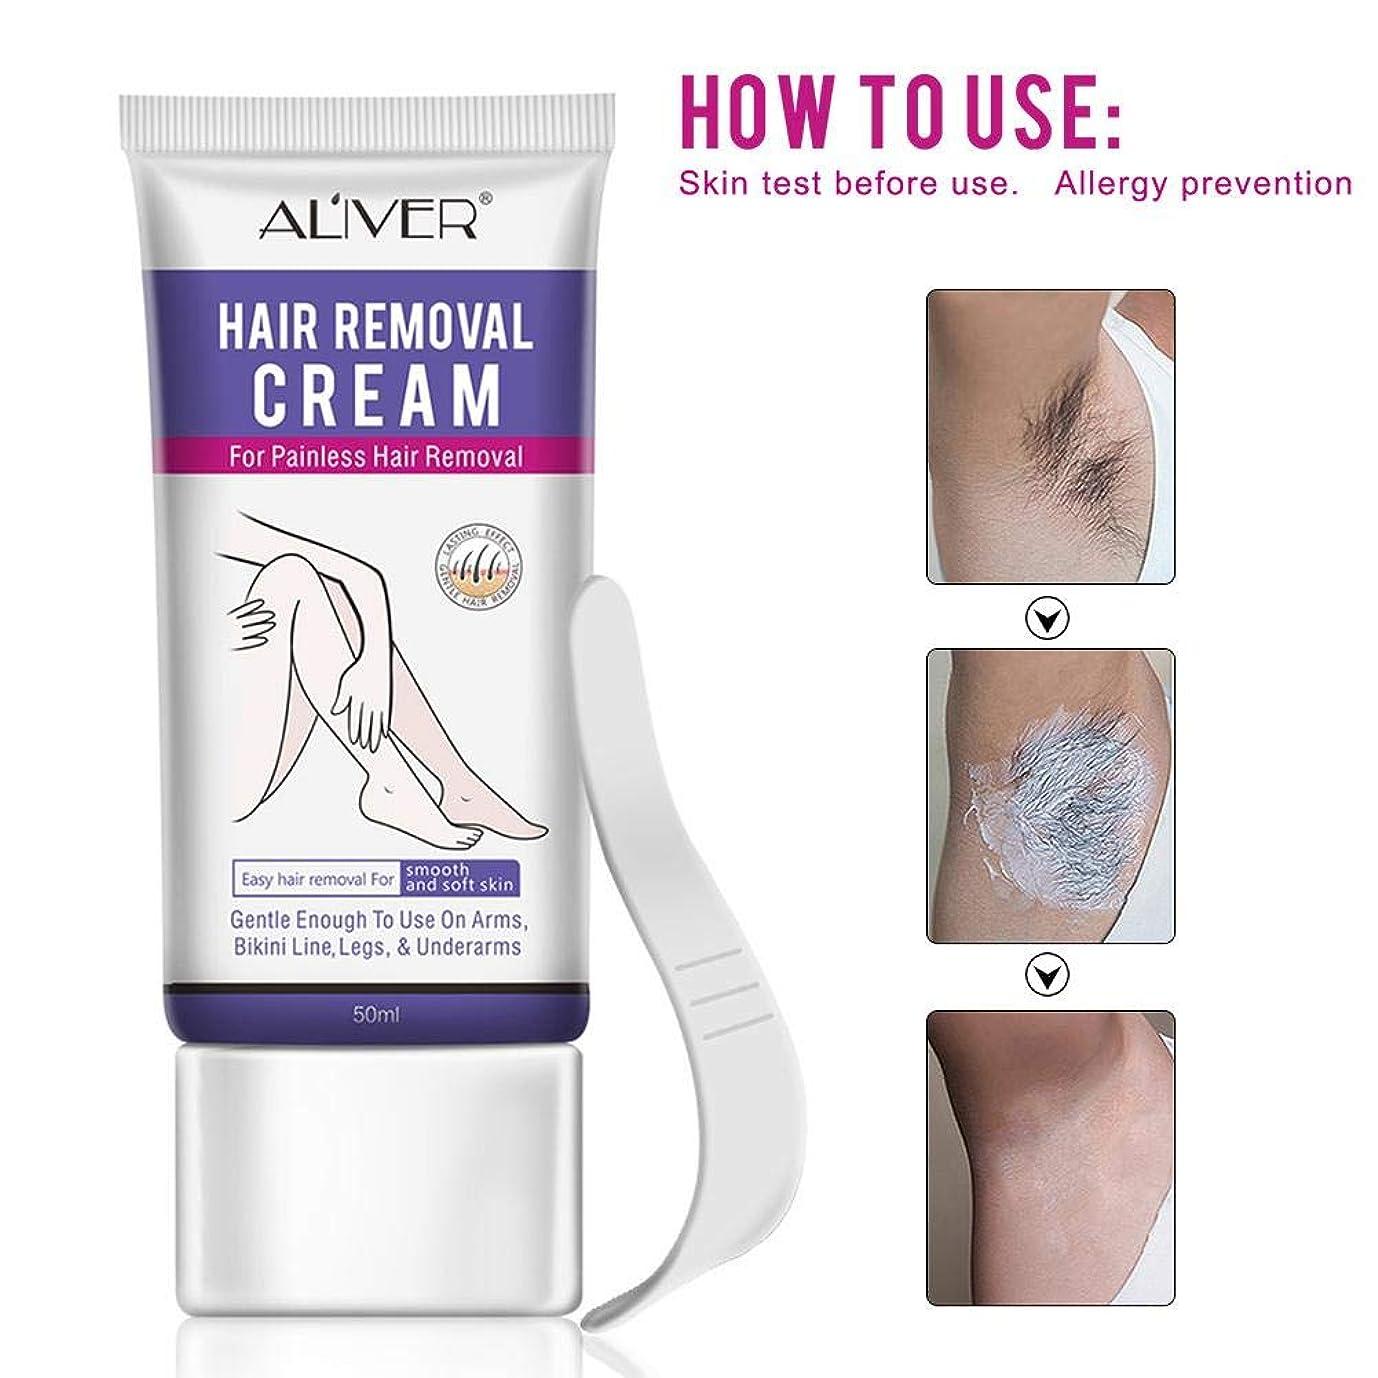 尾主導権物語優しく髪の毛を取り除き、痛みのない髪の毛の除去クリーム、マイルドで刺激がありません、髪の毛、足、ボディケア、美容と健康のスキンケアを取り除きます